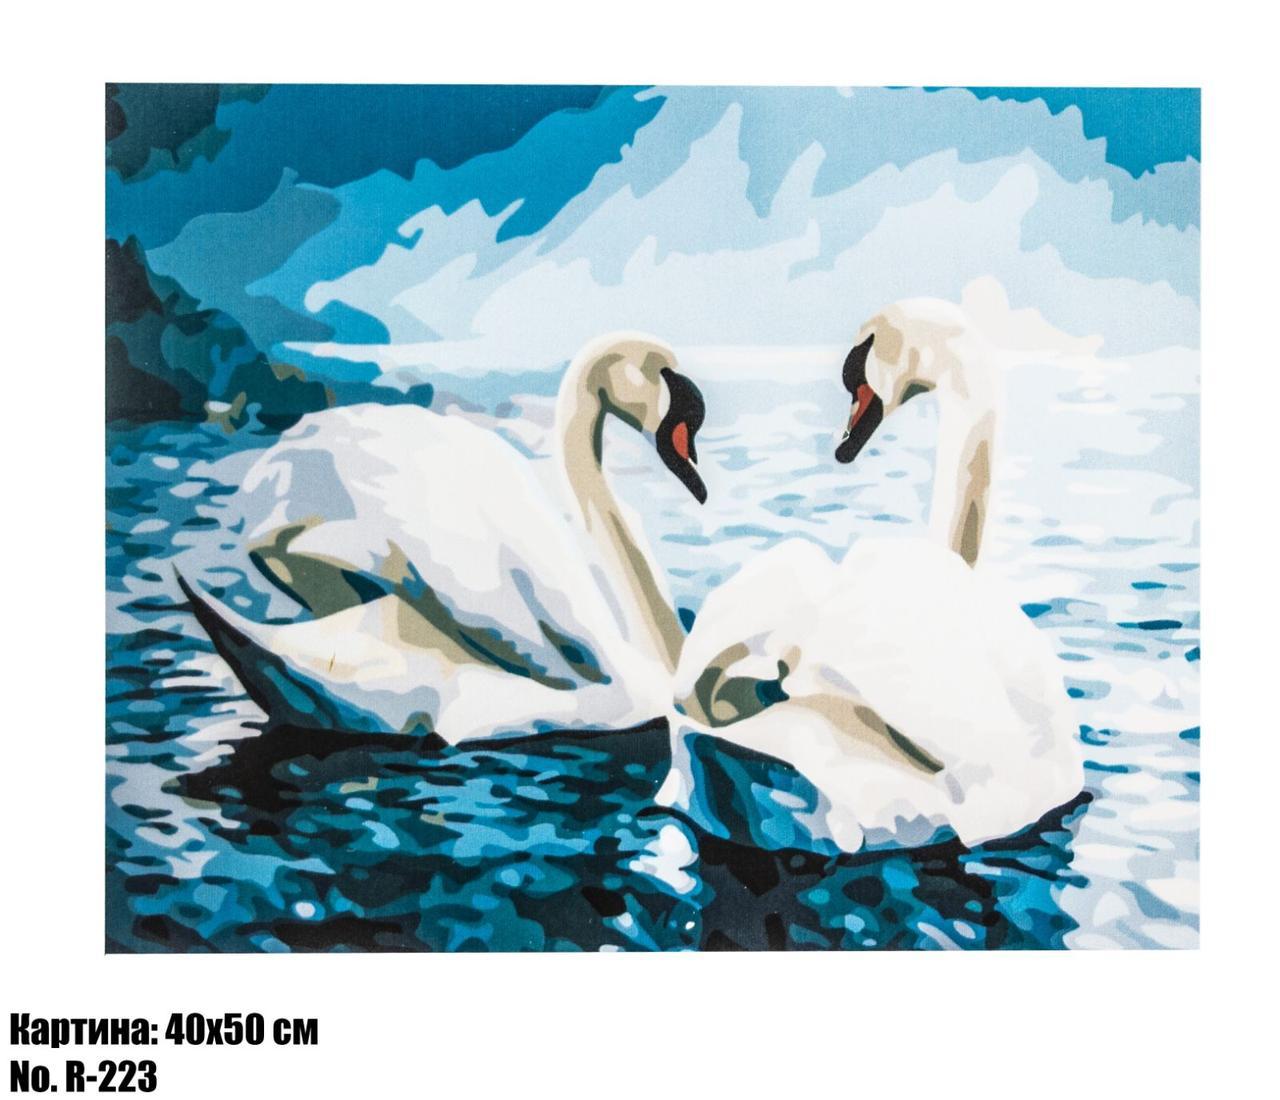 Картина по номерам R-223 40 х 50 см